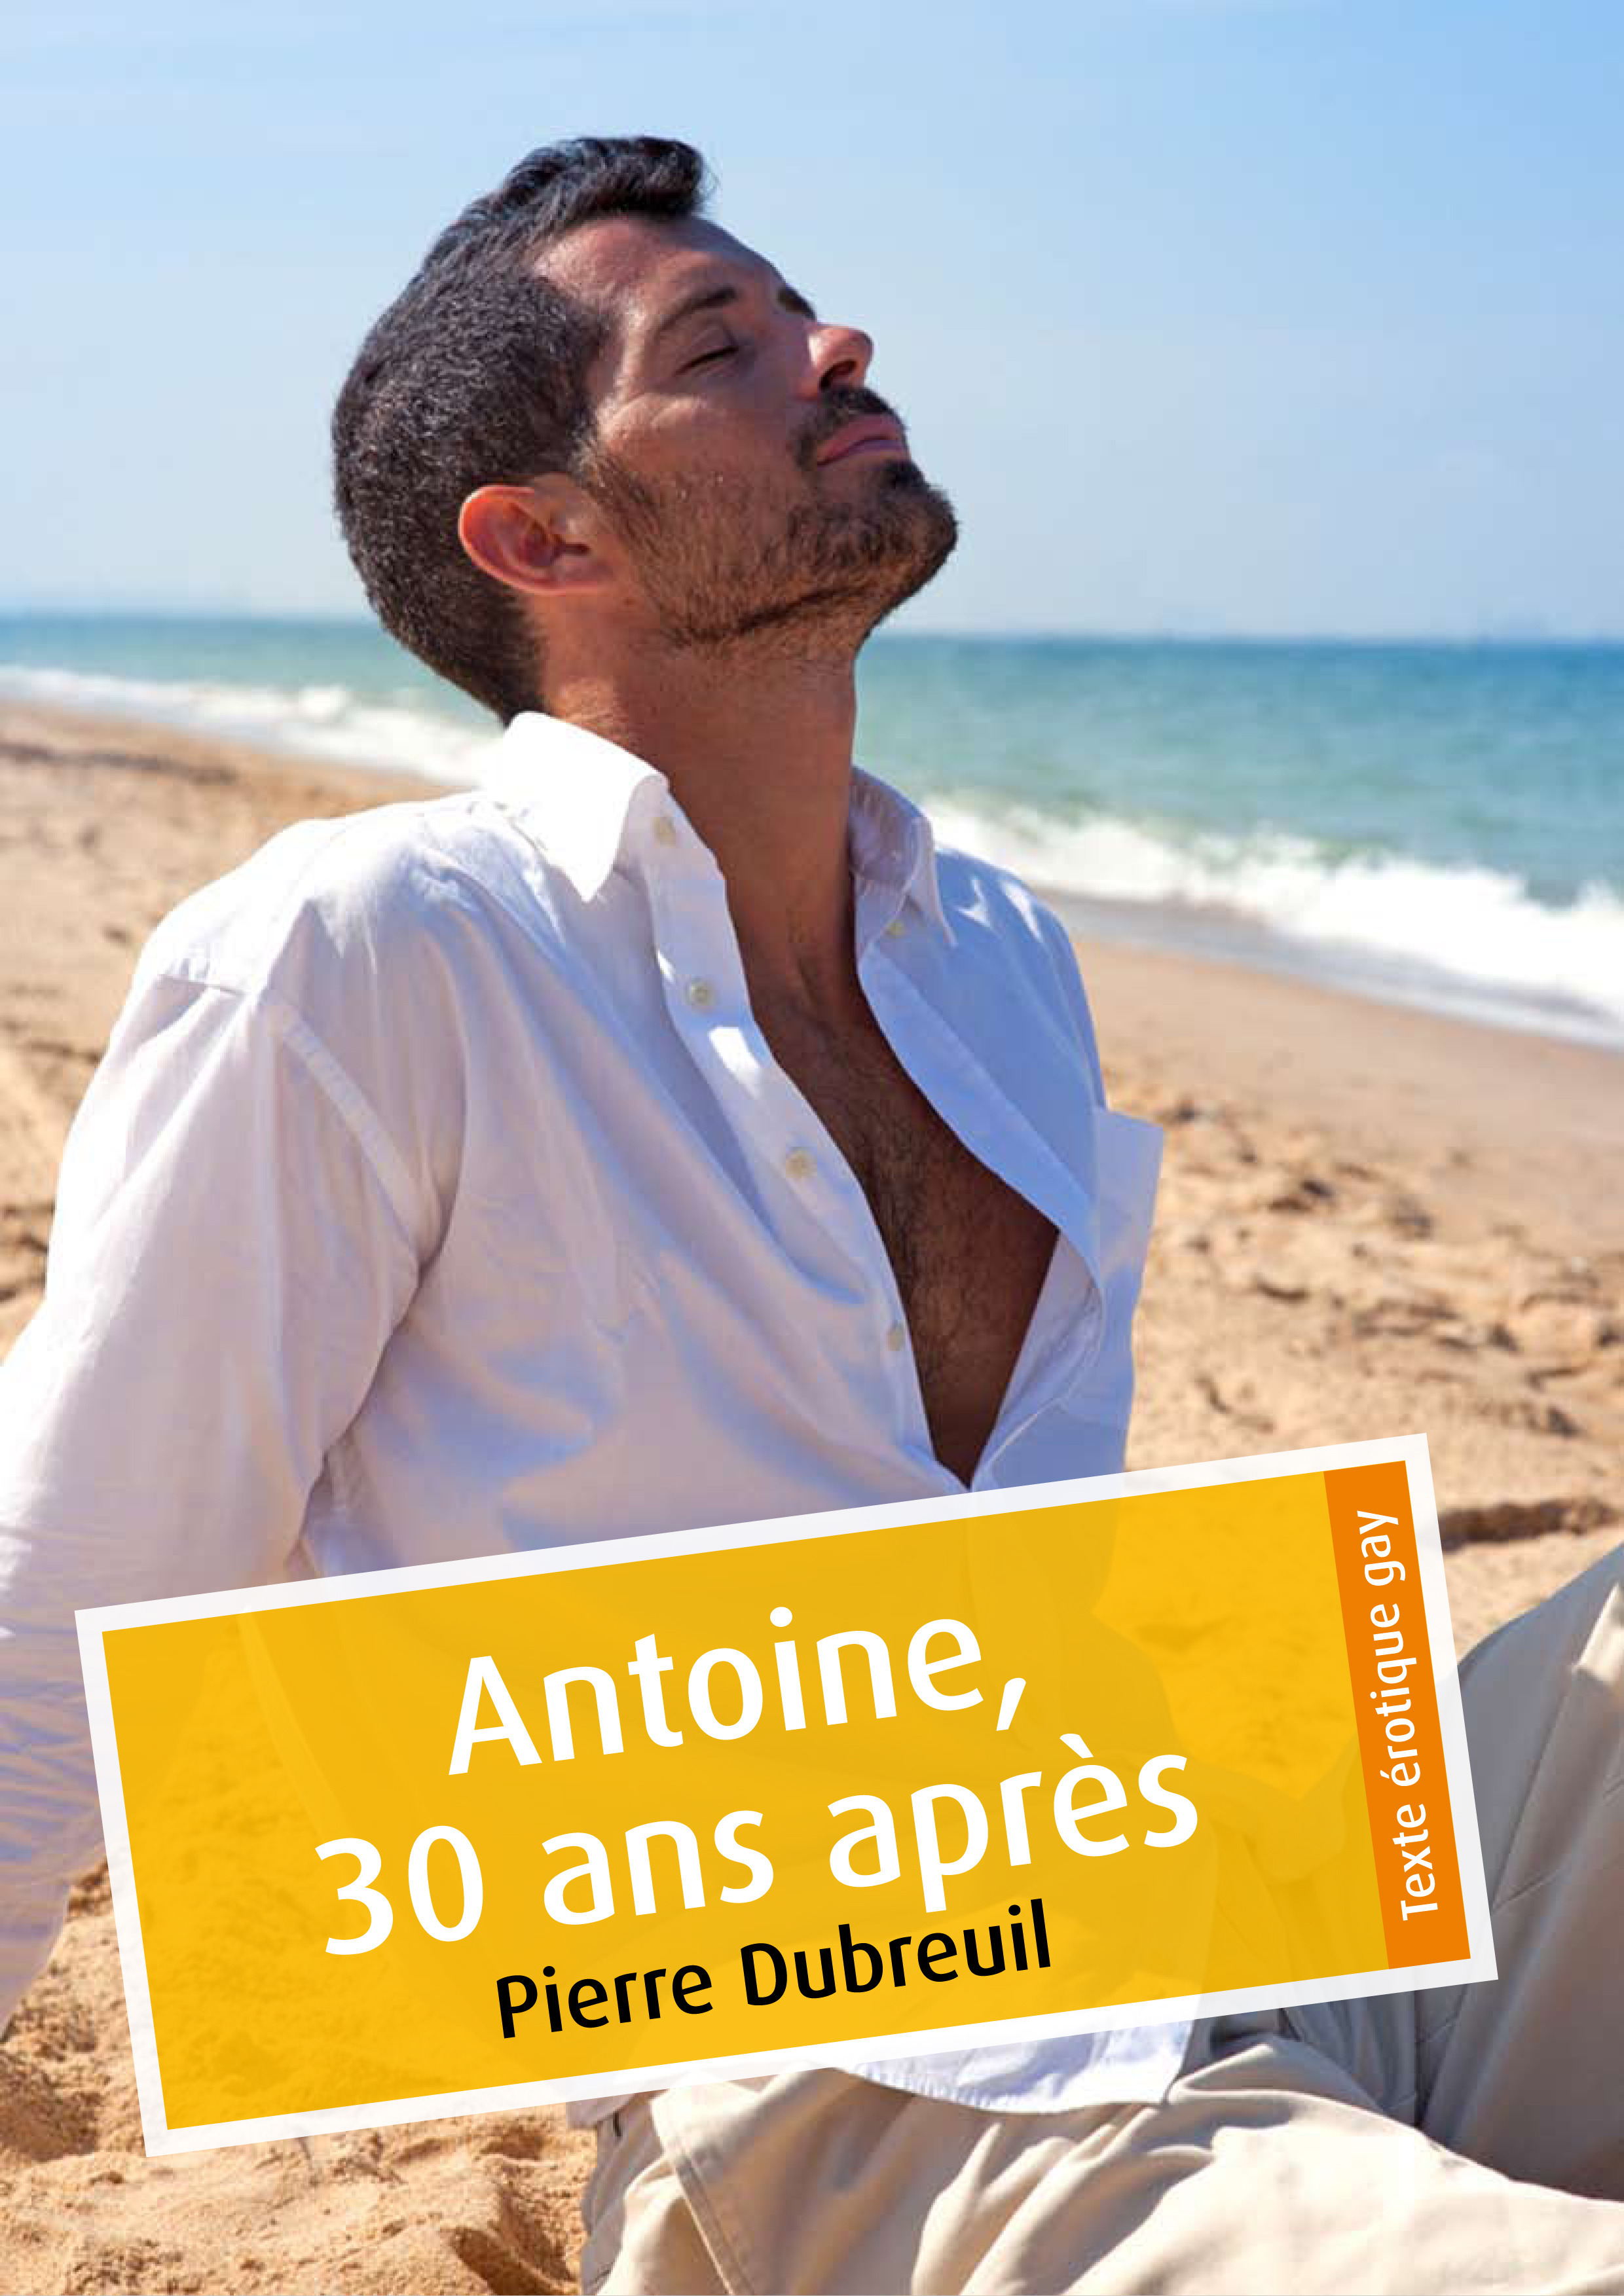 Antoine, 30 ans après